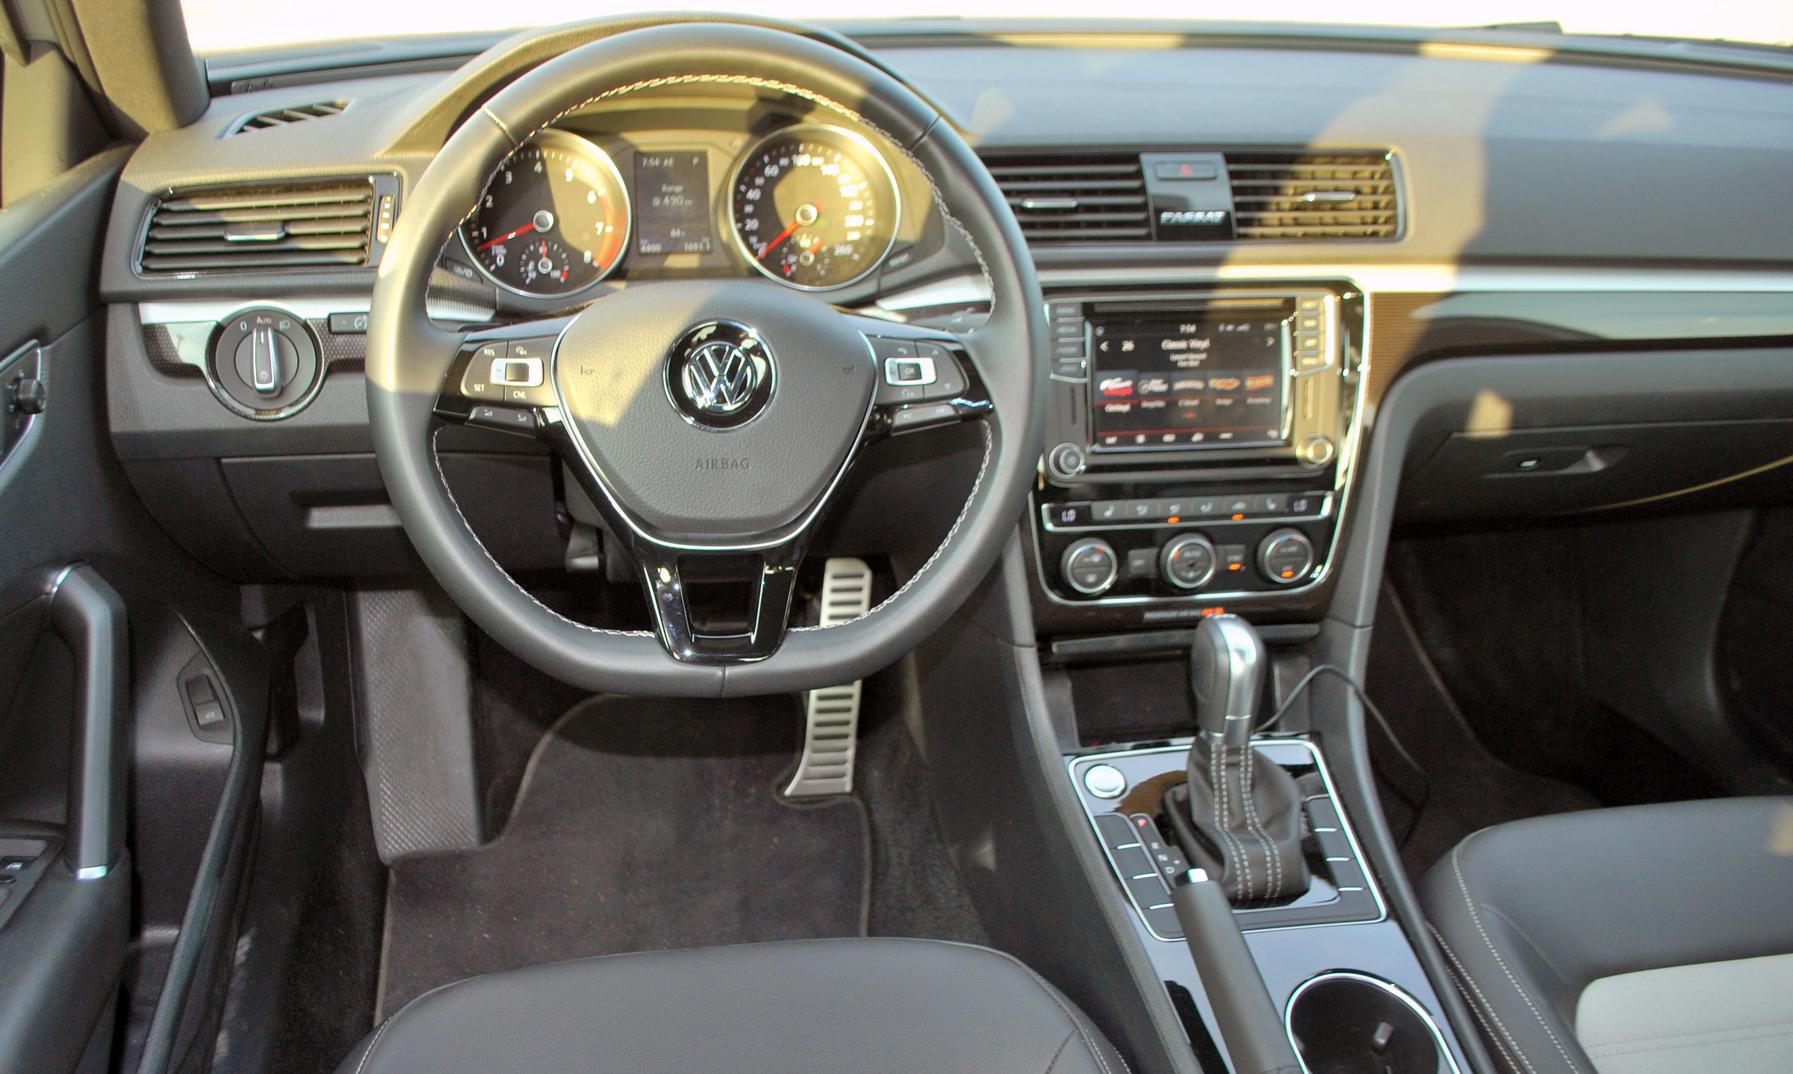 Review 2018 Volkswagen Passat GT